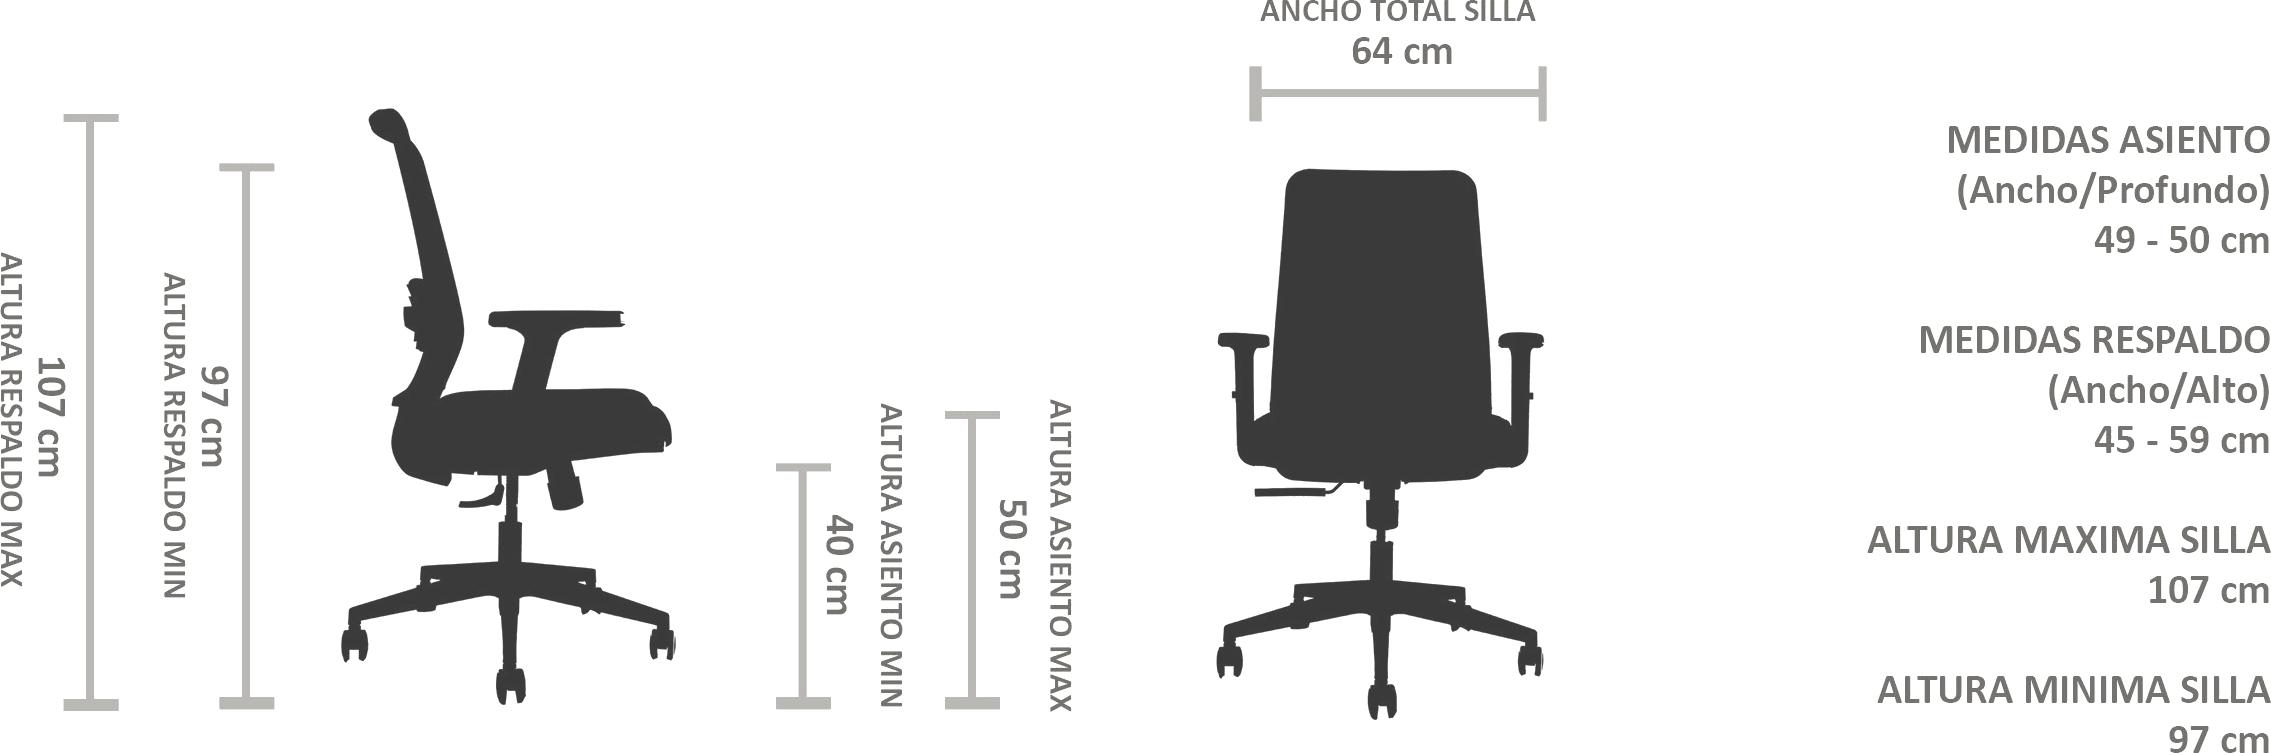 silla estudio ergonomica